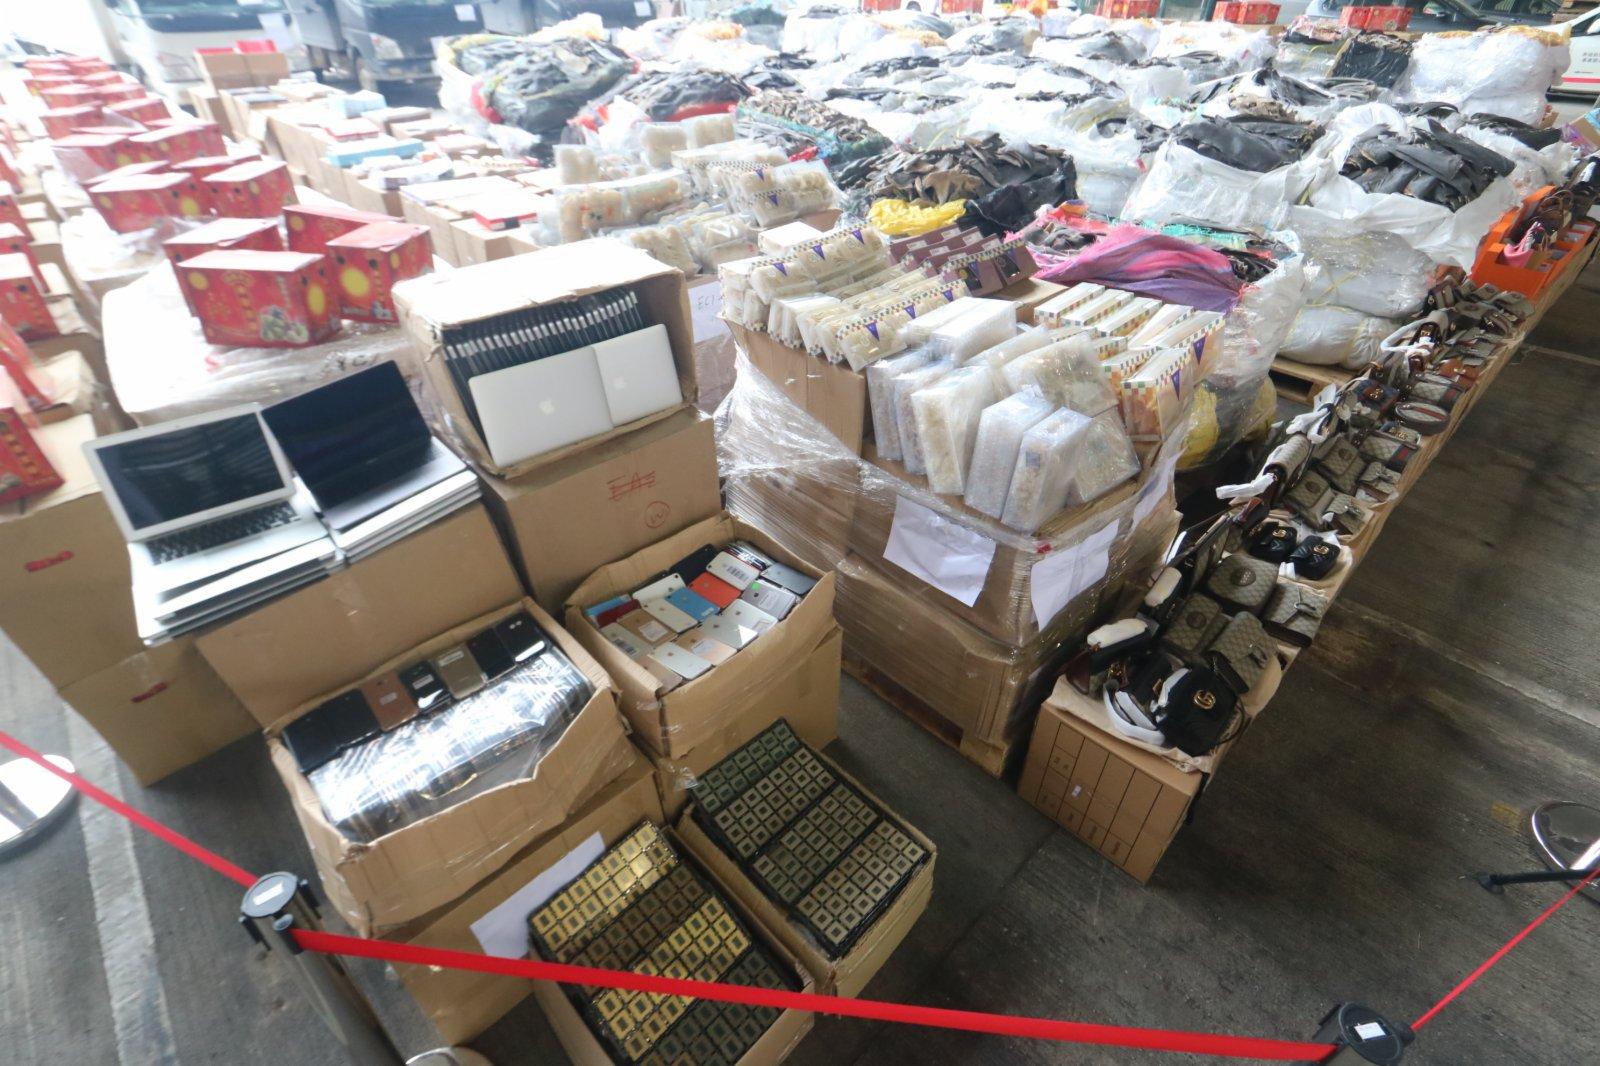 10月7日,海關舉行記者會宣布偵破歷來最大宗走私案件。行動中拘捕一名男子,並扣查四輛貨車,檢獲一批市值約2.1億港元的懷疑走私物品,包括高價值貨品、貴價食材及受管制瀕危物種。(香港文匯報記者劉友光攝)